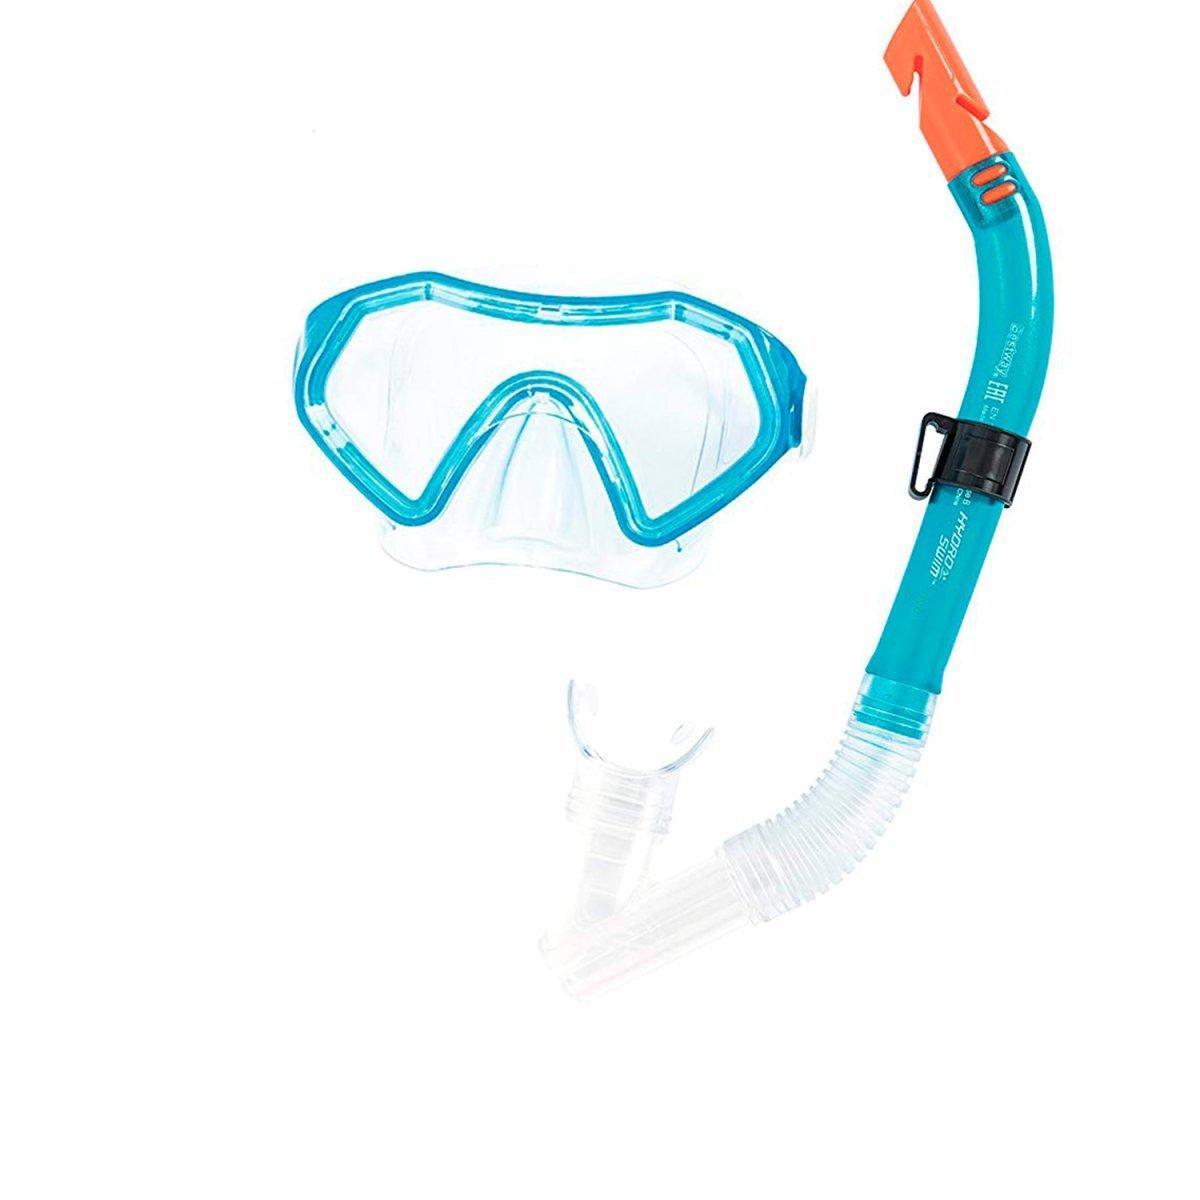 Набор 2 в 1 для ныряния Bestway 24025 (маска: размер M, (6+), обхват головы ≈ 52 см, трубка), голубой